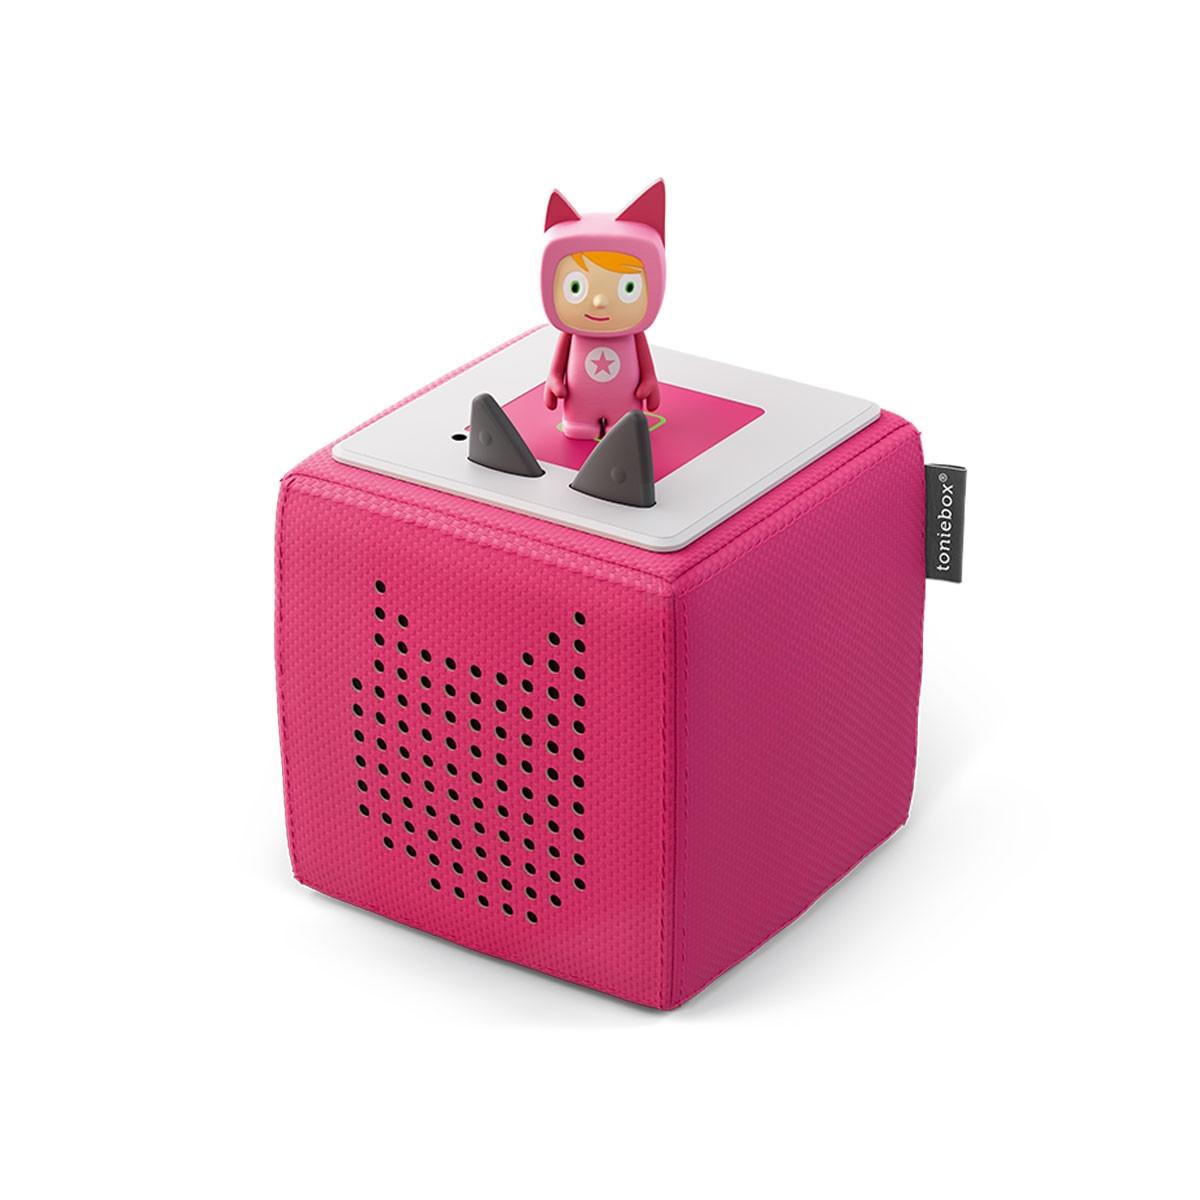 Toniebox - Starterset Pink (inkl. Kreativ-Tonie)